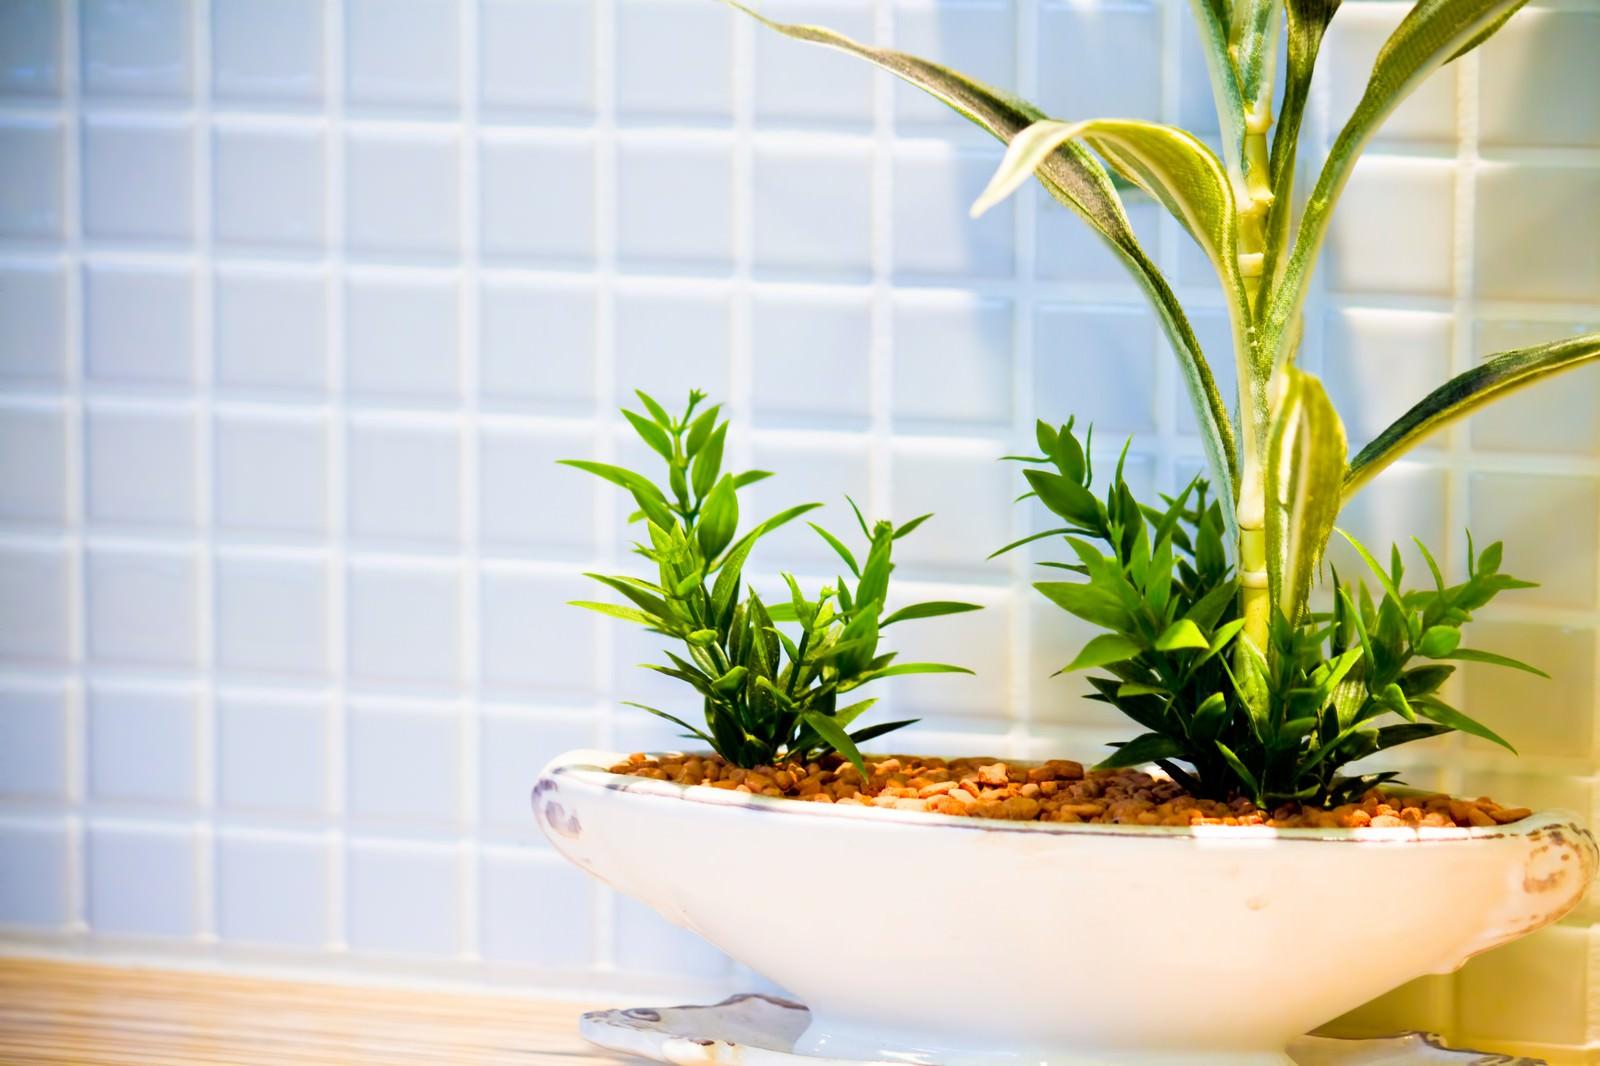 「清潔感あるタイルと観葉植物」の写真